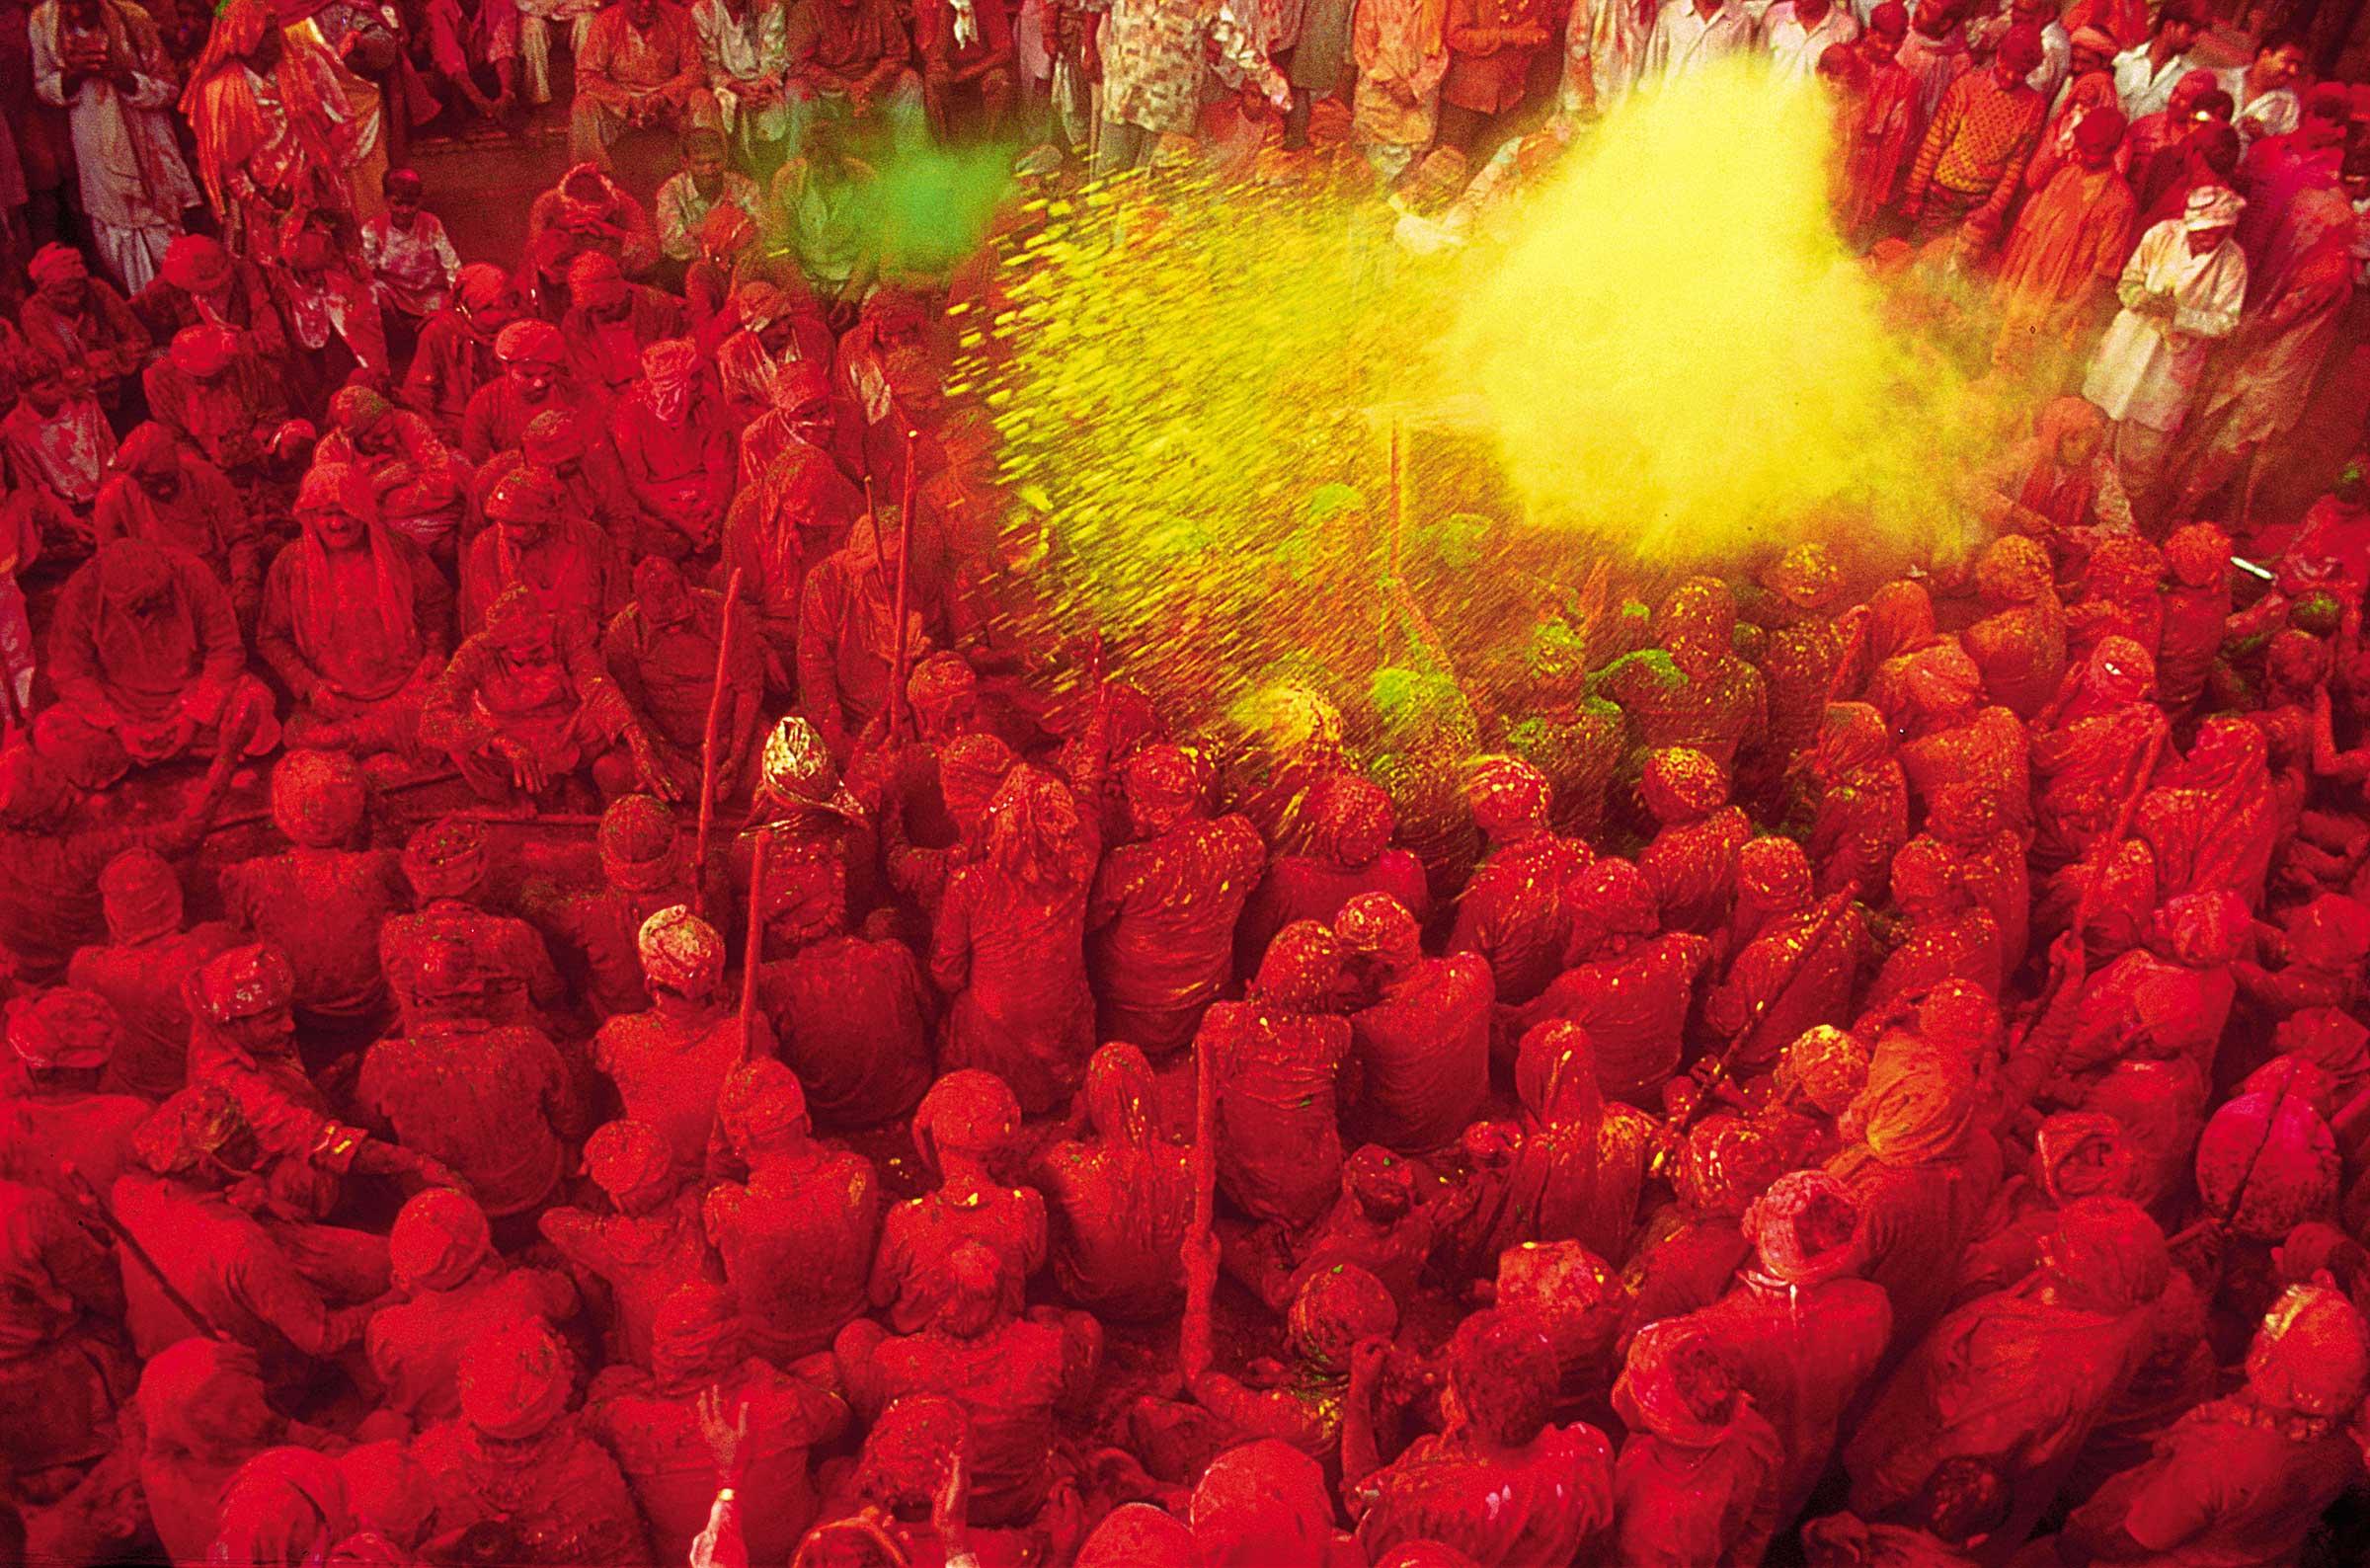 Das Holi Festival ist ein hinduistisches Frühlingsfest, welches je nach Region 2 bis 10 Tage dauert.